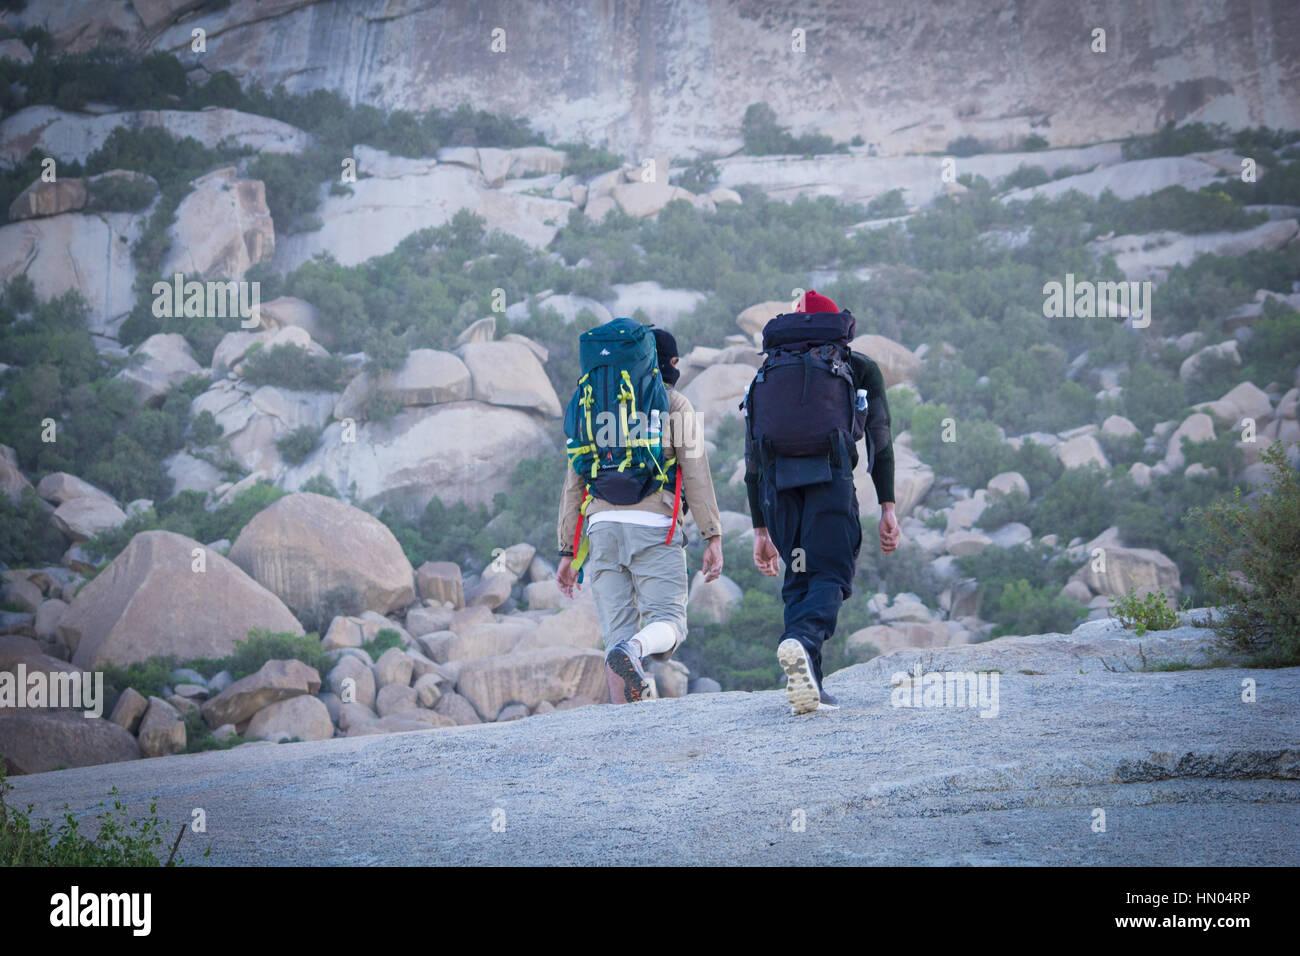 Travel hiking mountain Camping desert - Stock Image